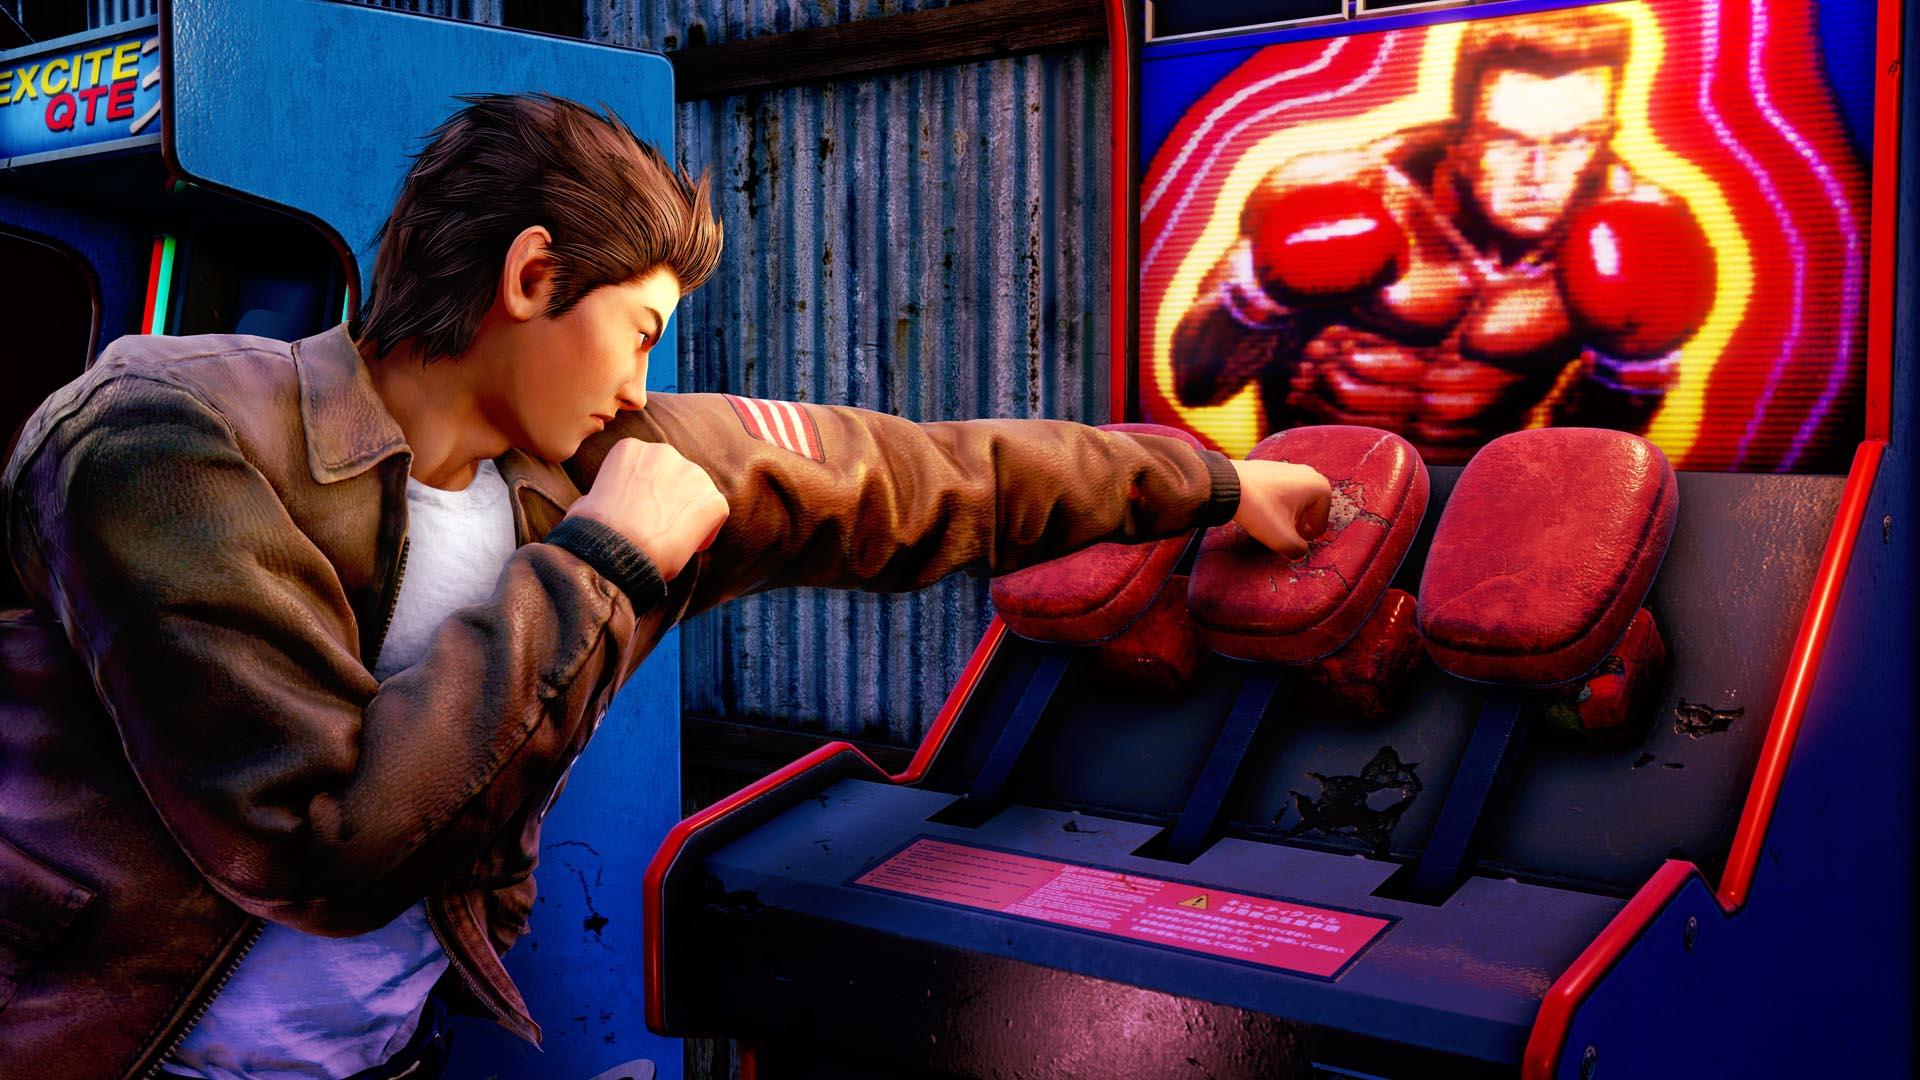 《莎木3》制作人:本作比前作大得多 迷你游戏更有趣